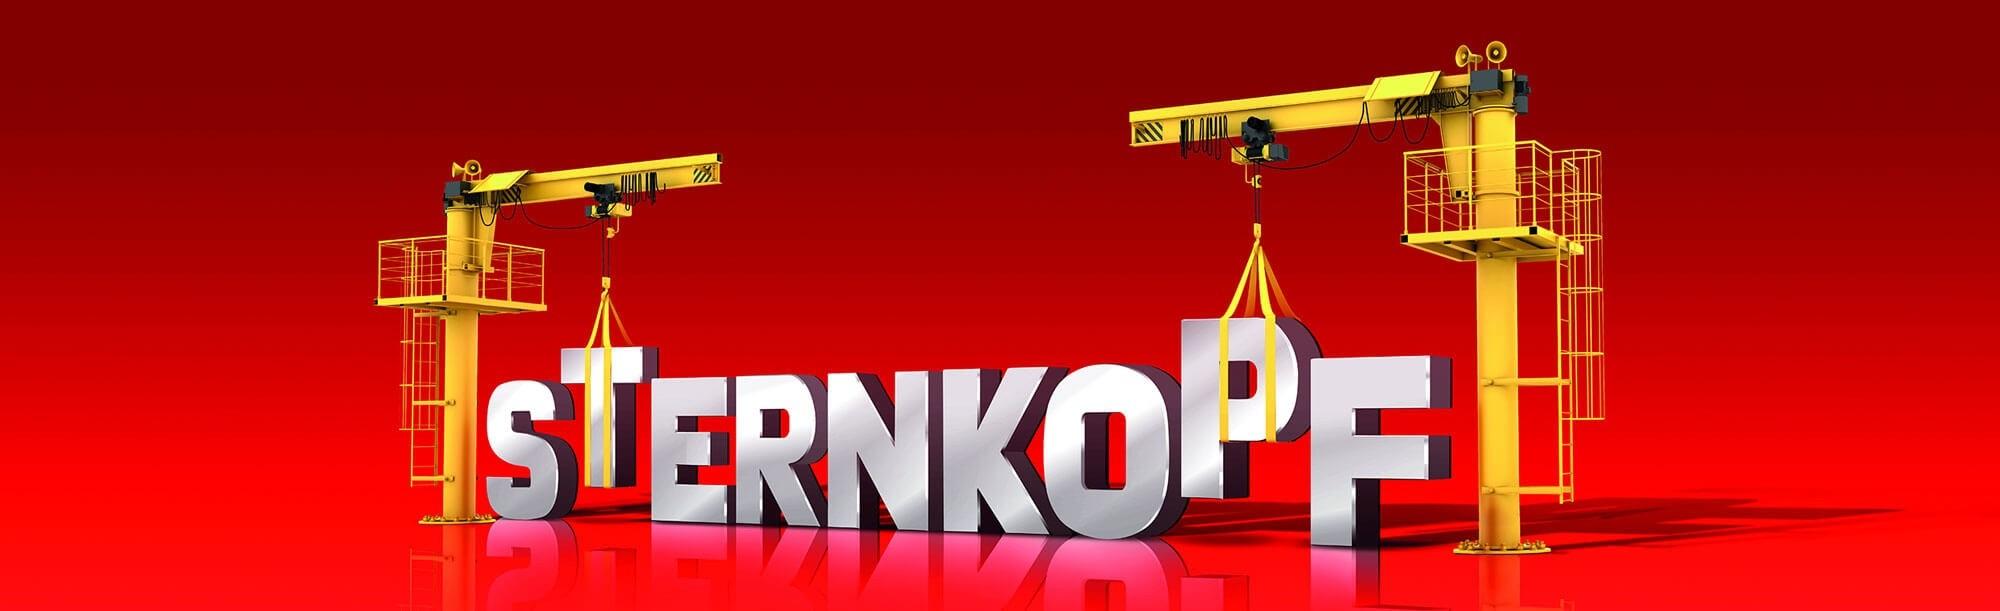 STERNKOPF Seil- & Hebetechnik GmbH & Co.KG